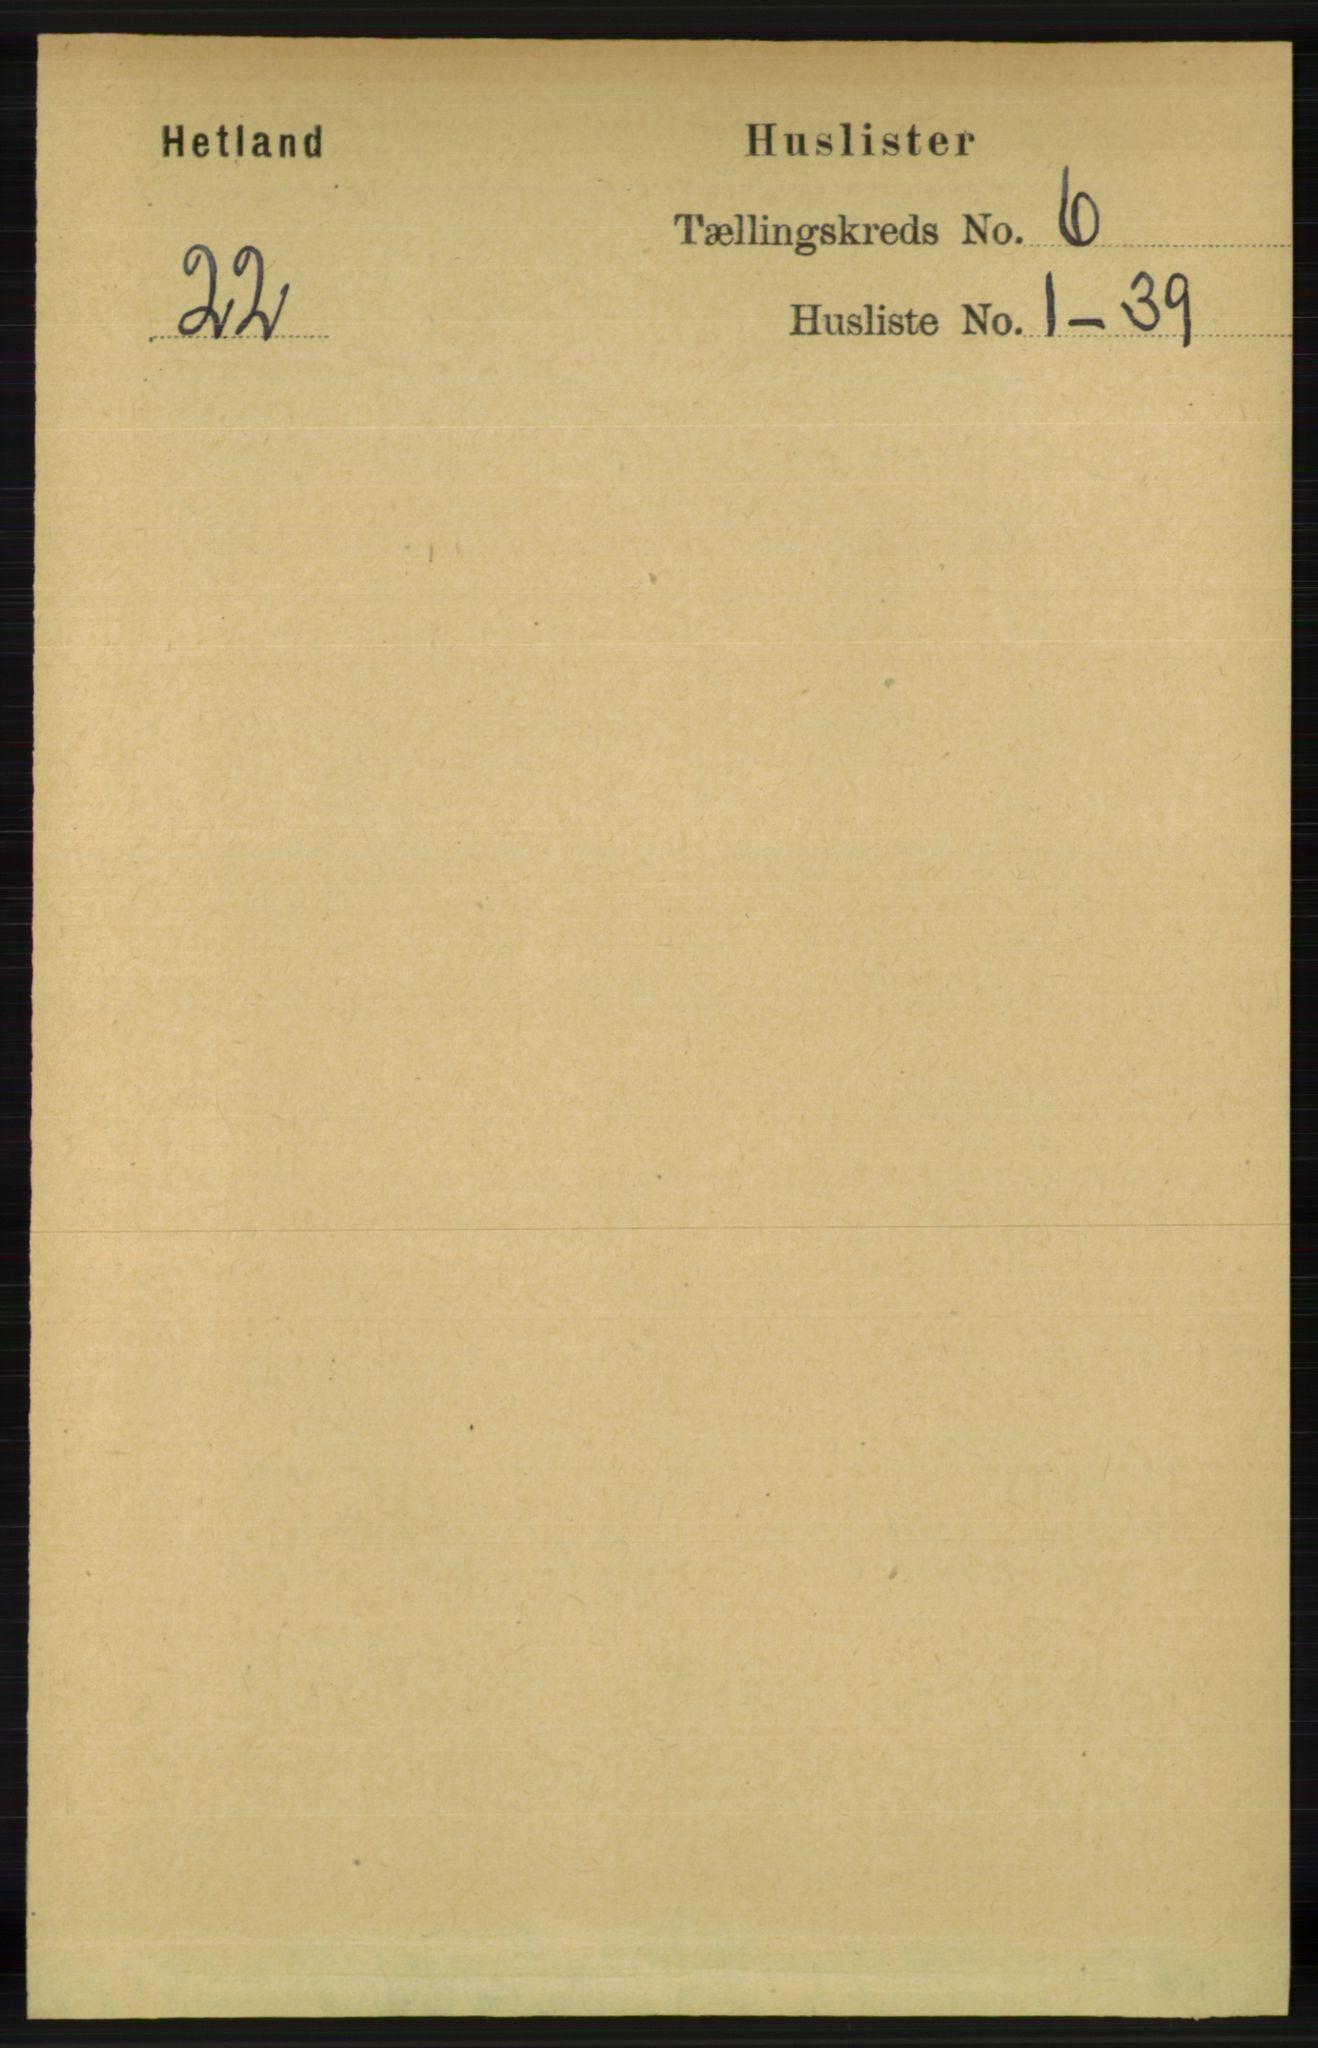 RA, Folketelling 1891 for 1126 Hetland herred, 1891, s. 3353